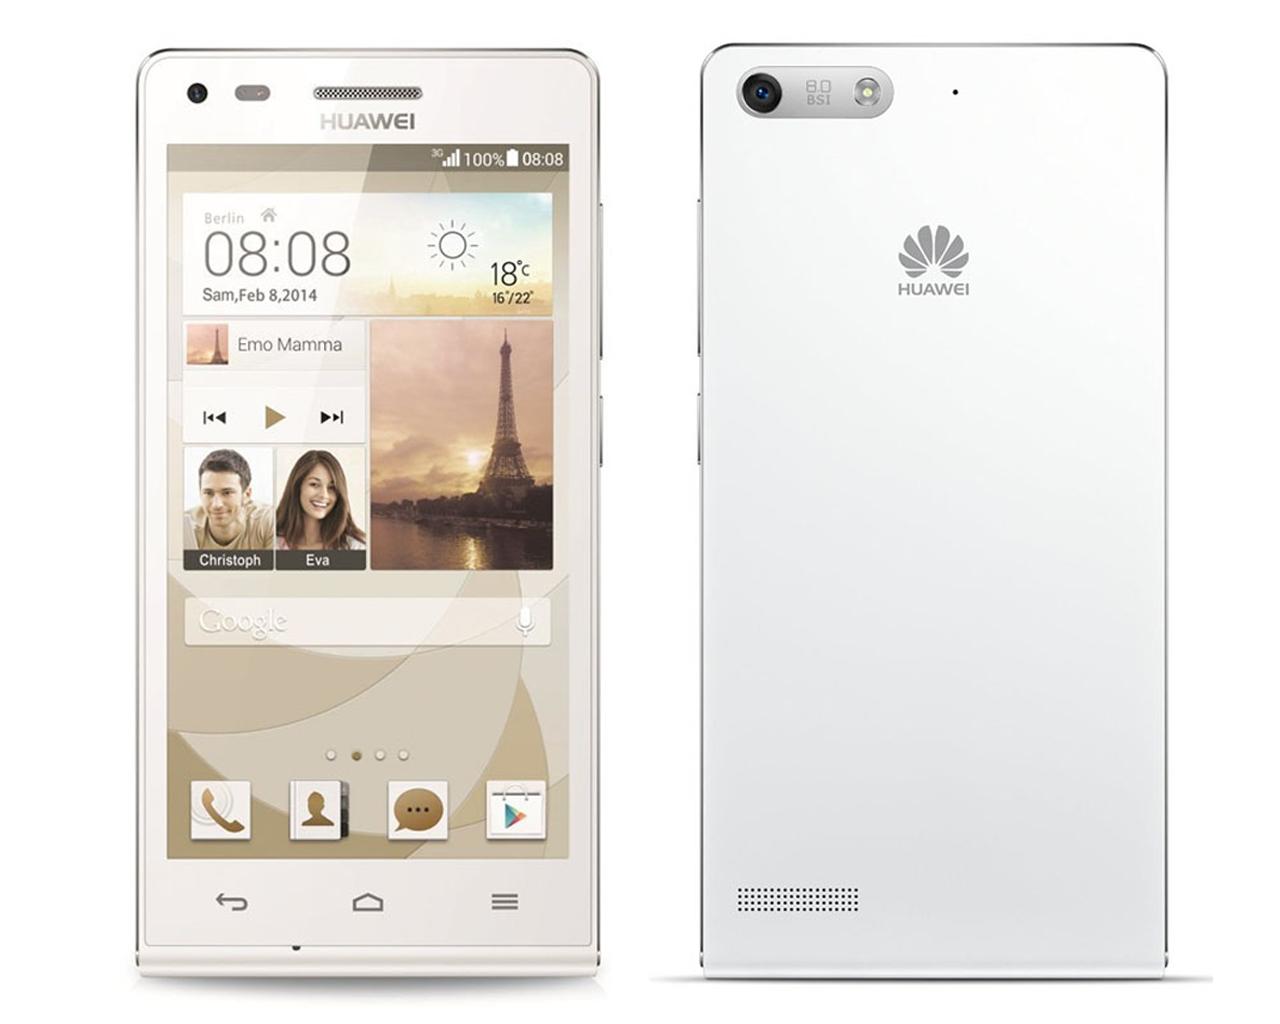 Afbeeldingsresultaat voor Huawei g6